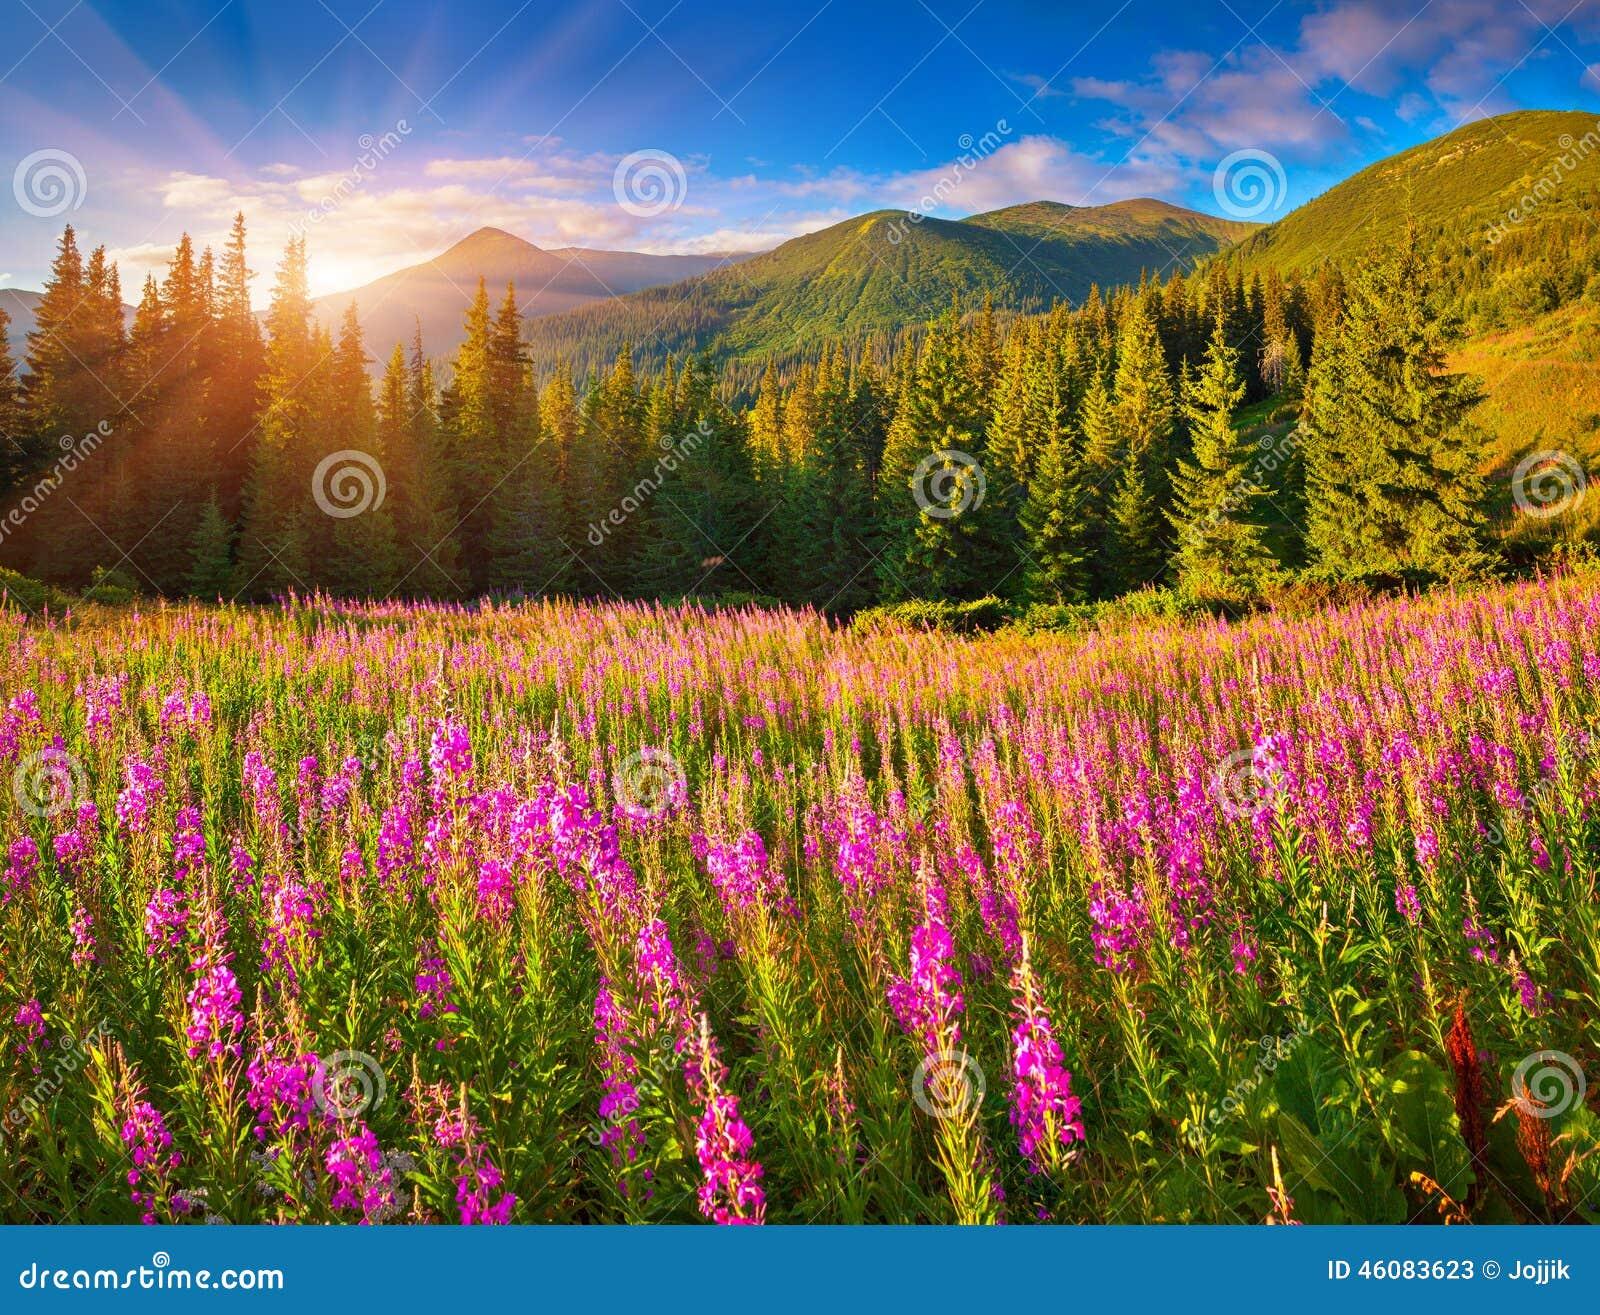 Paisagem bonita do outono nas montanhas com flores cor-de-rosa